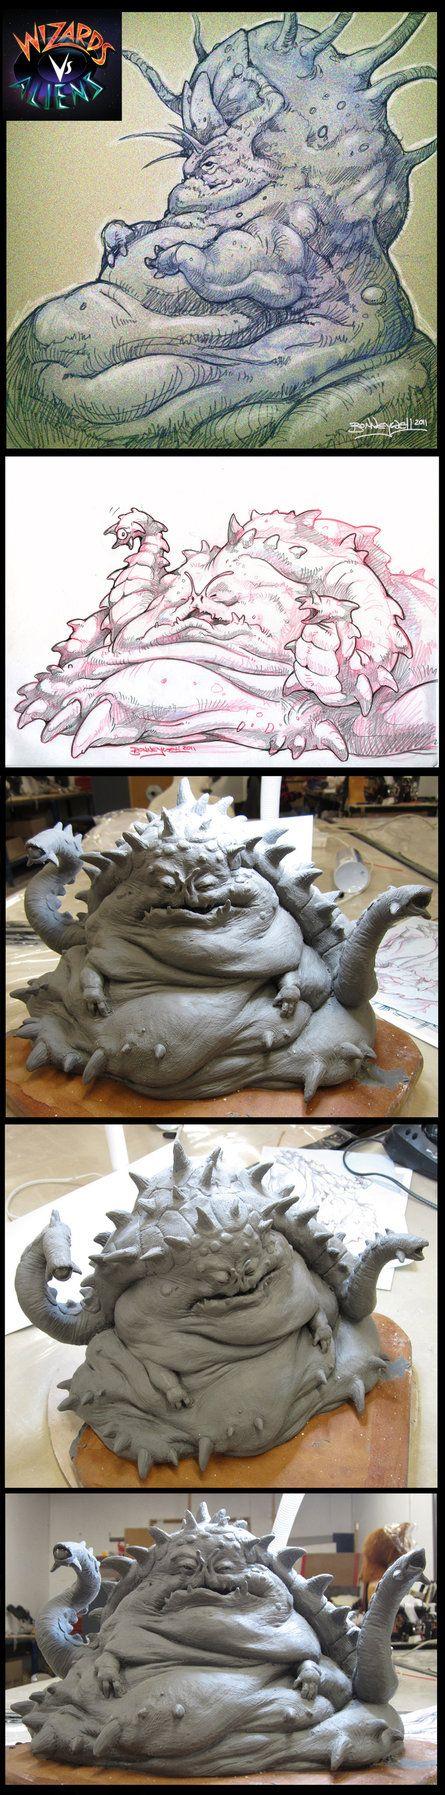 Wizards Vs. Aliens. Unused Nekross King designs. by Kaduflyer on DeviantArt